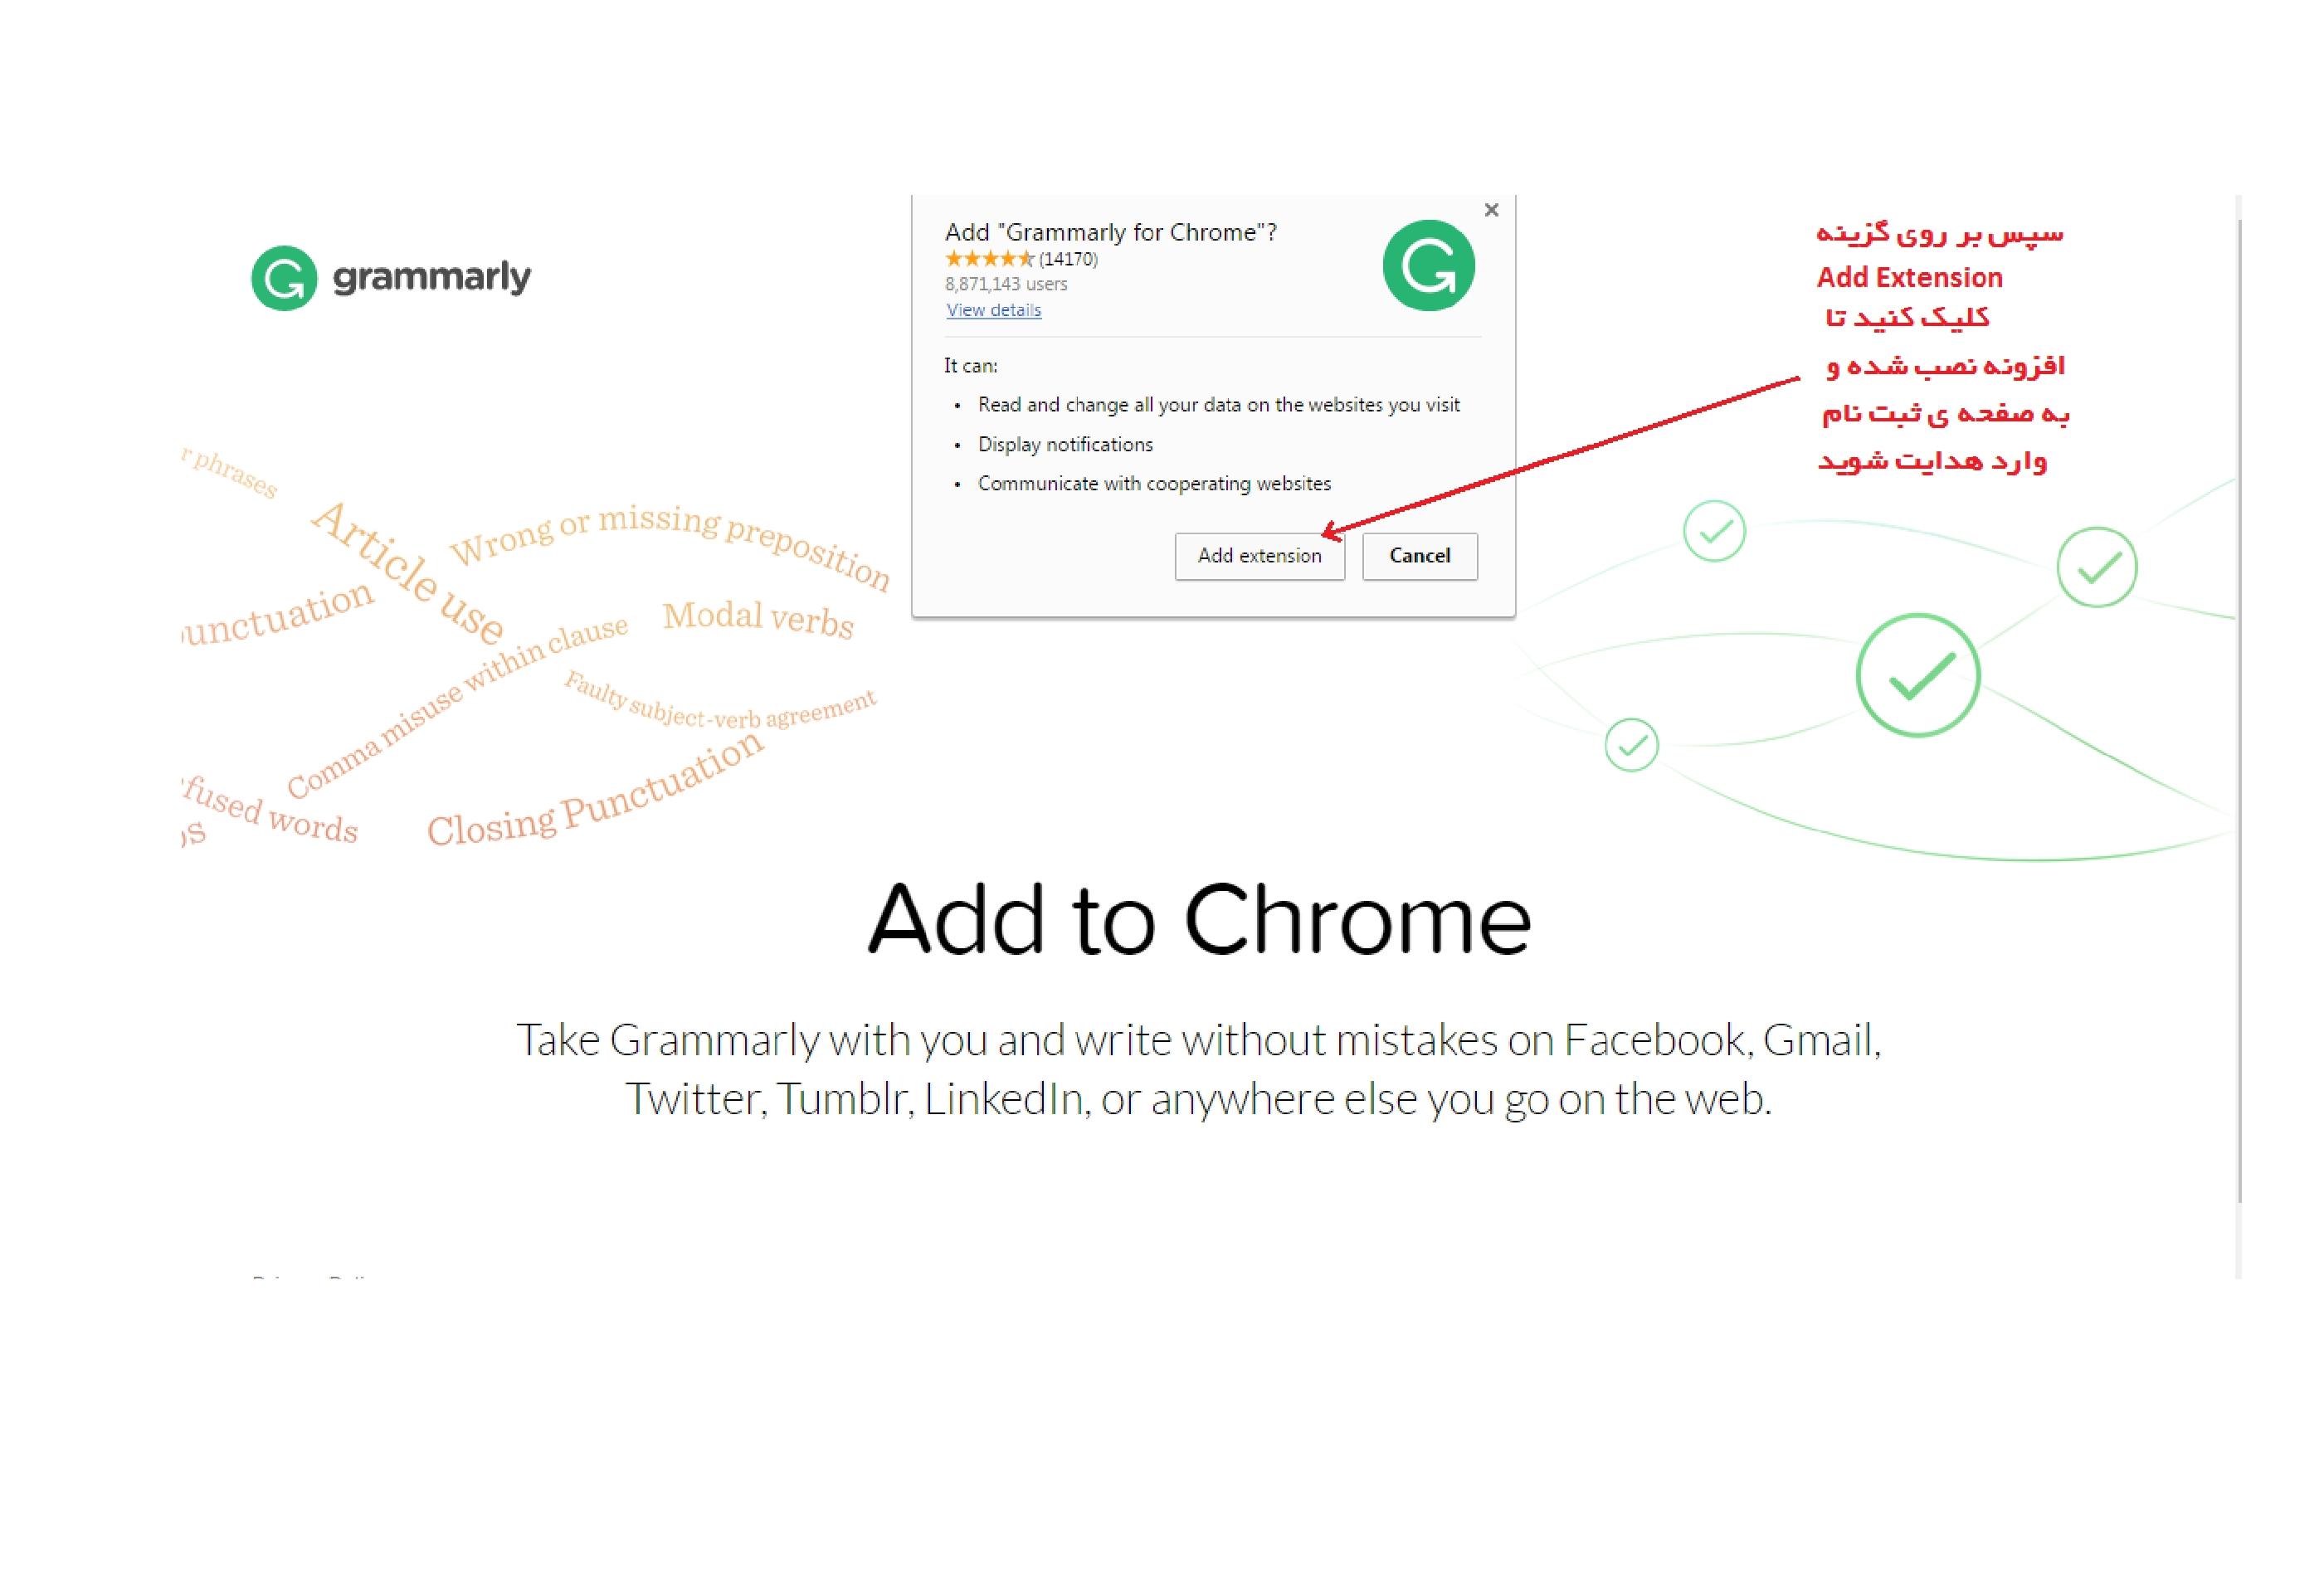 اضافه کردن پلاگین Grammarly به chrome - نصب plugin گرامرلی به مرورگر کروم